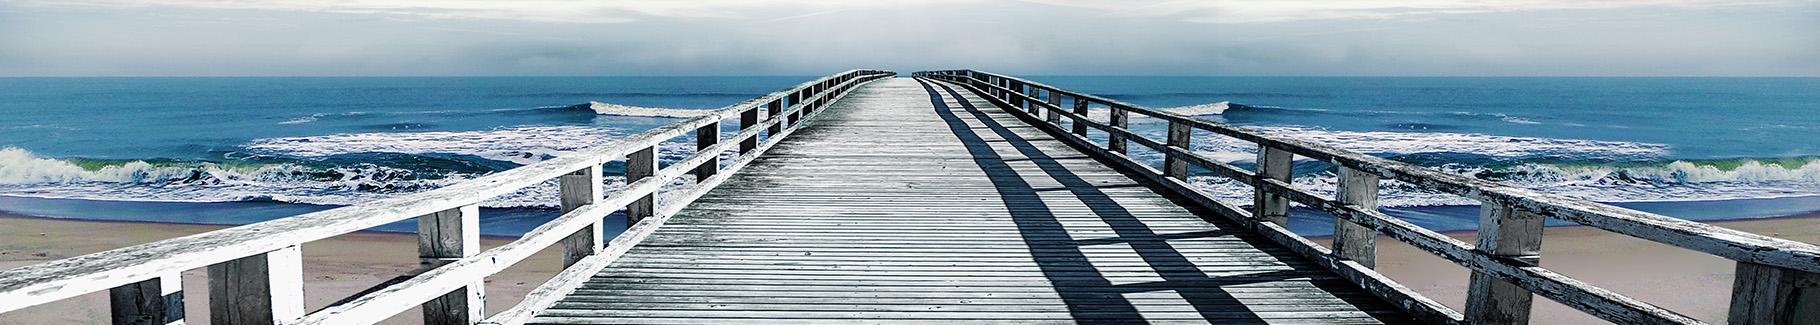 Fototapeta przestrzenna – most i wybrzeże